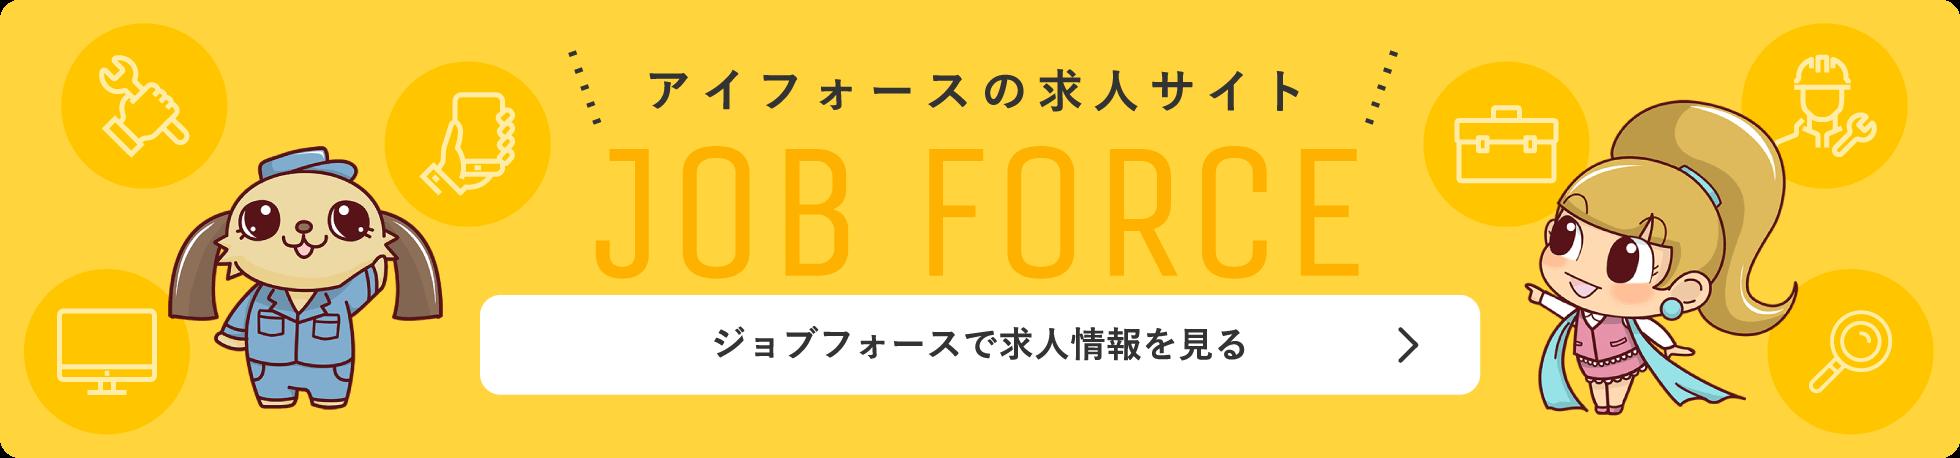 アイフォースの求人サイト / ジョブフォースで求人情報を見る / JOB FORCE